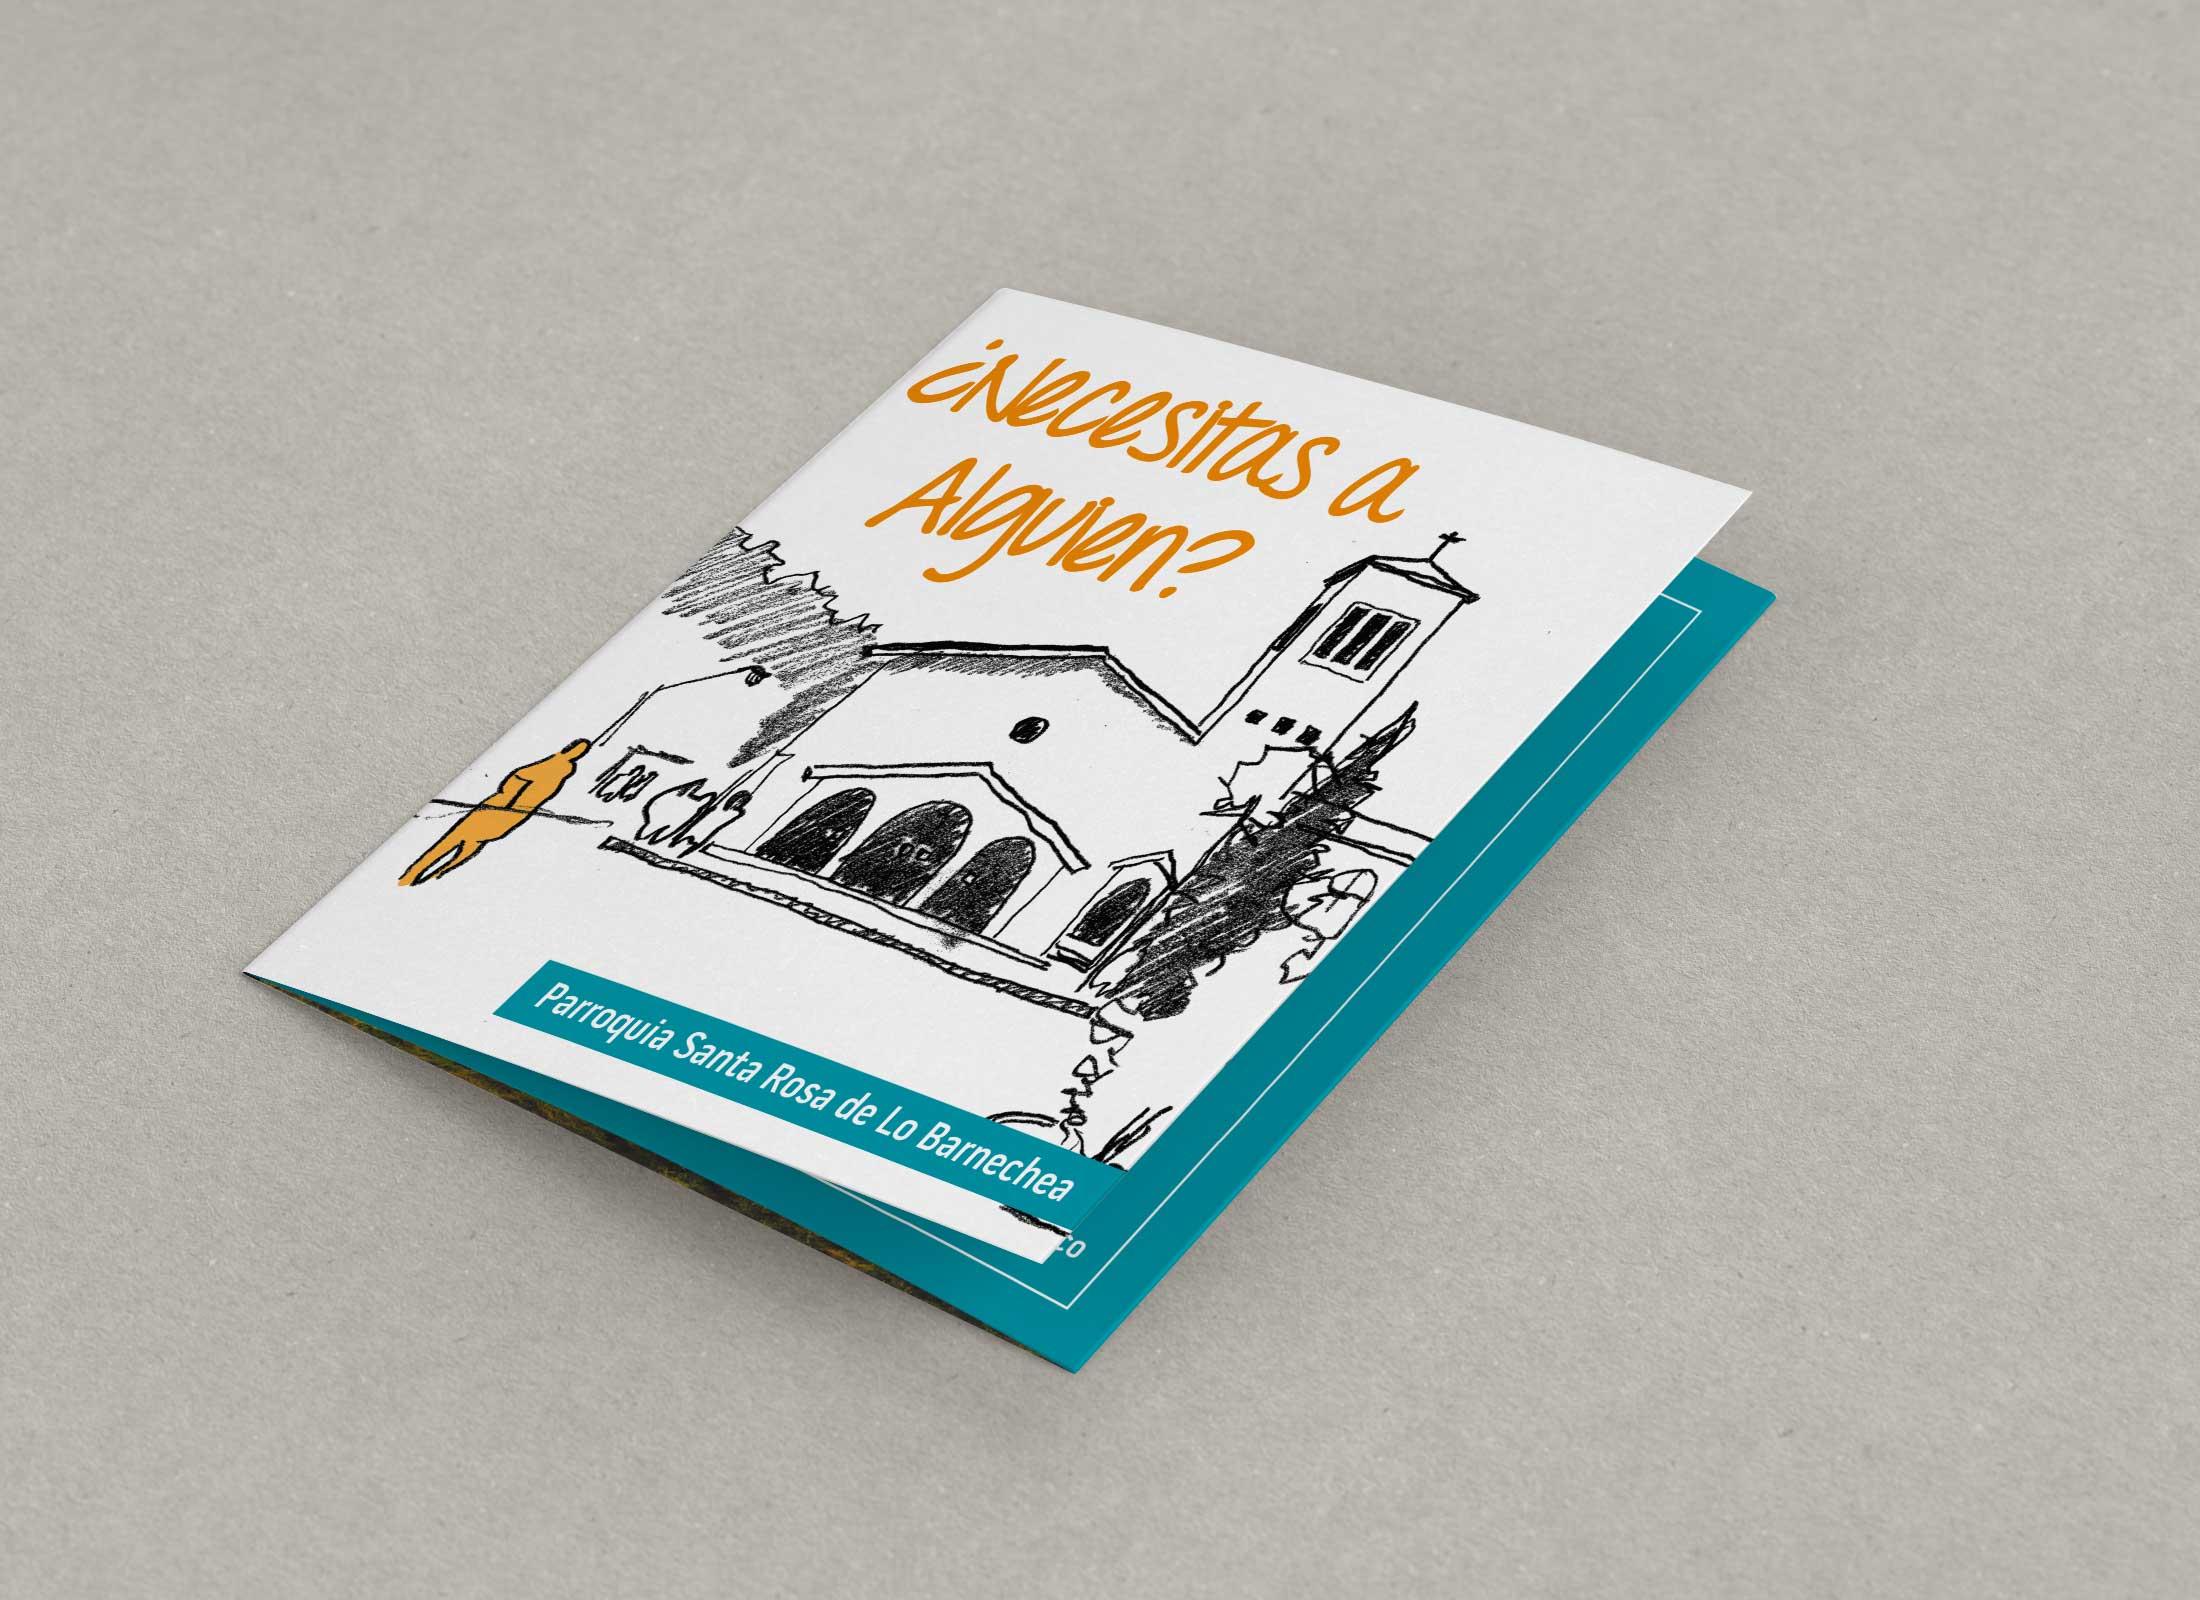 Mockup_Leaflet_1